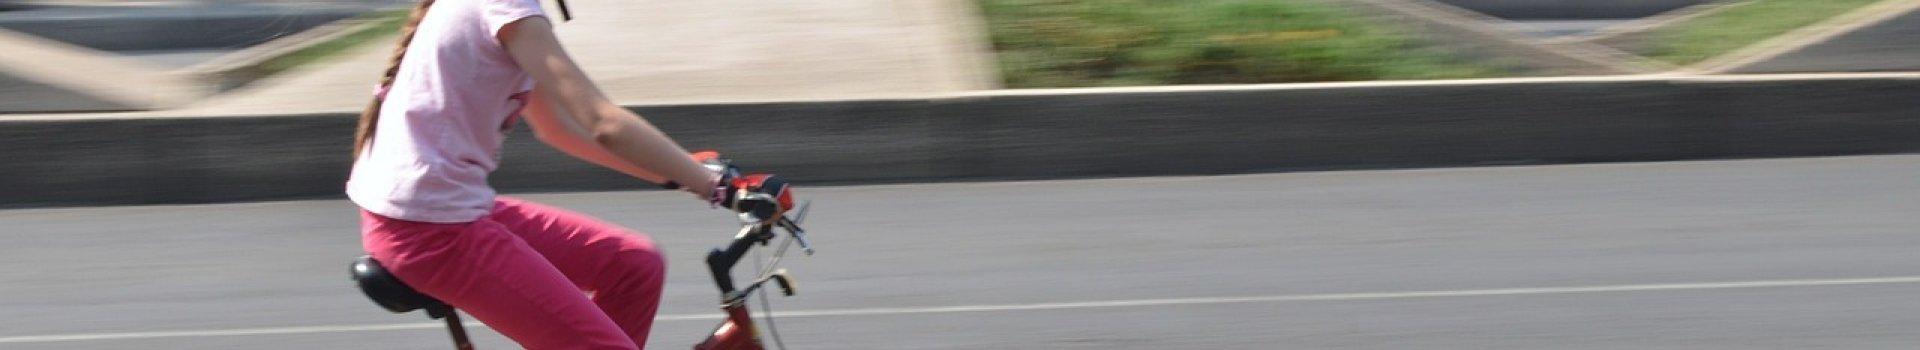 Kaski rowerowe – o czym trzeba pamiętać podczas wyboru